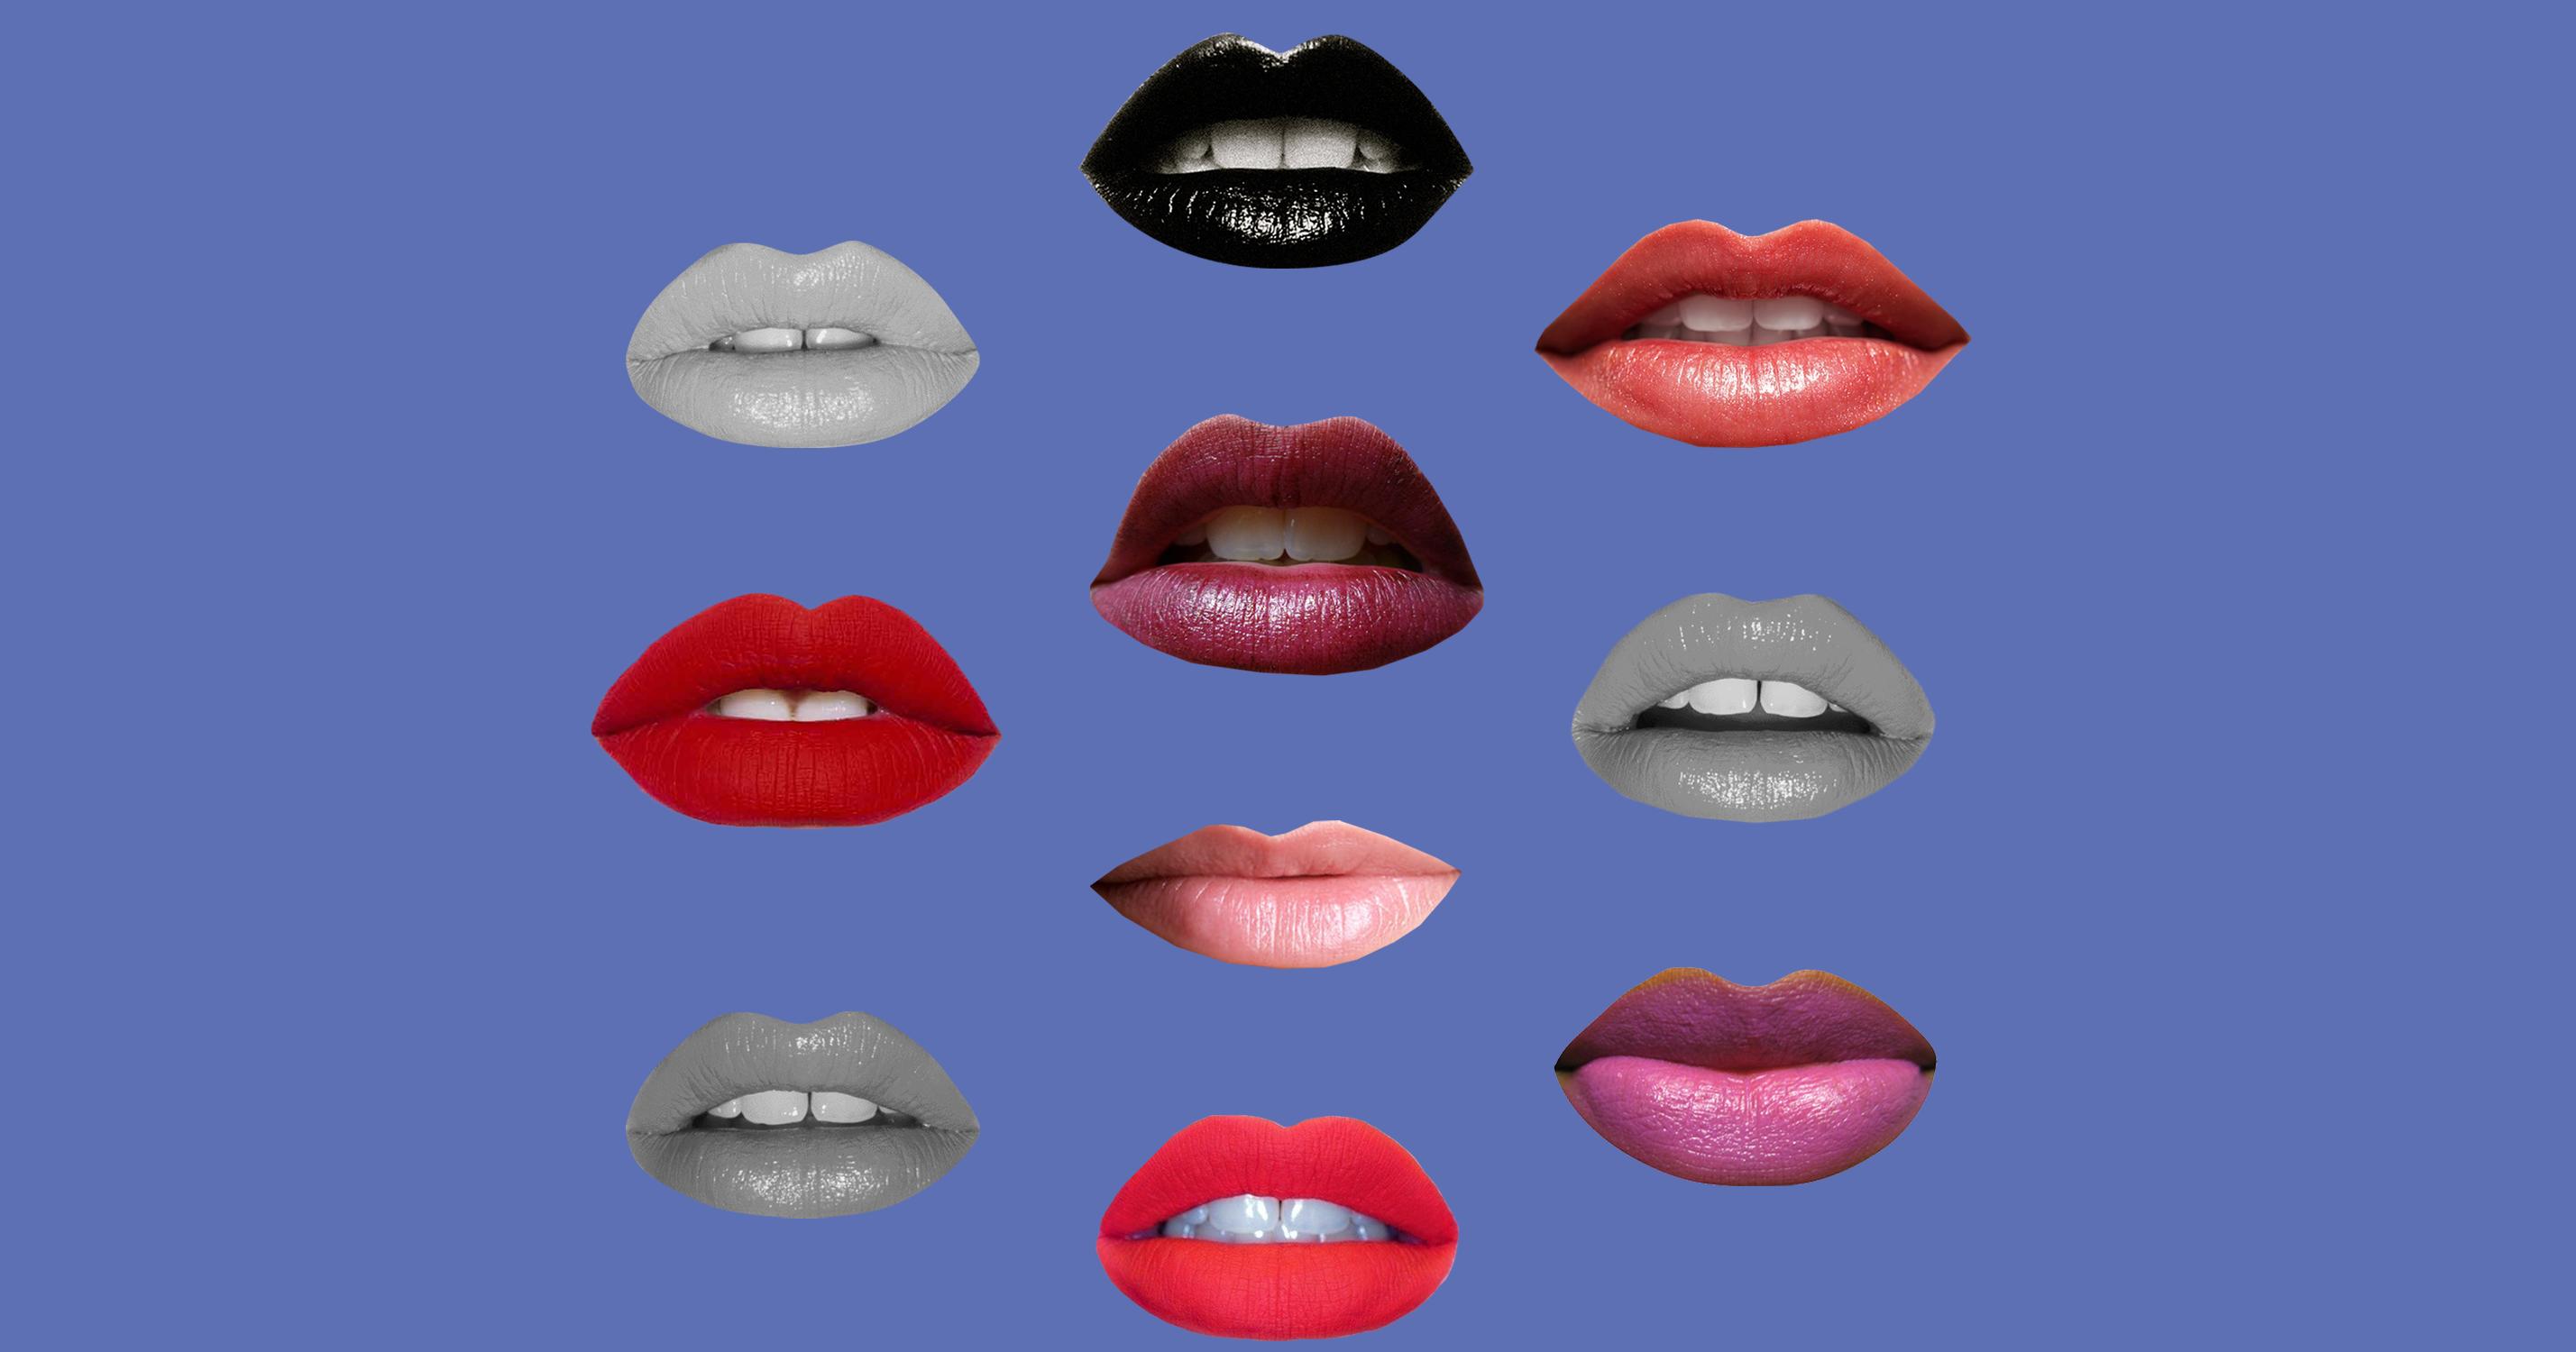 Lip Threading Procedure For Fuller Lips Explained